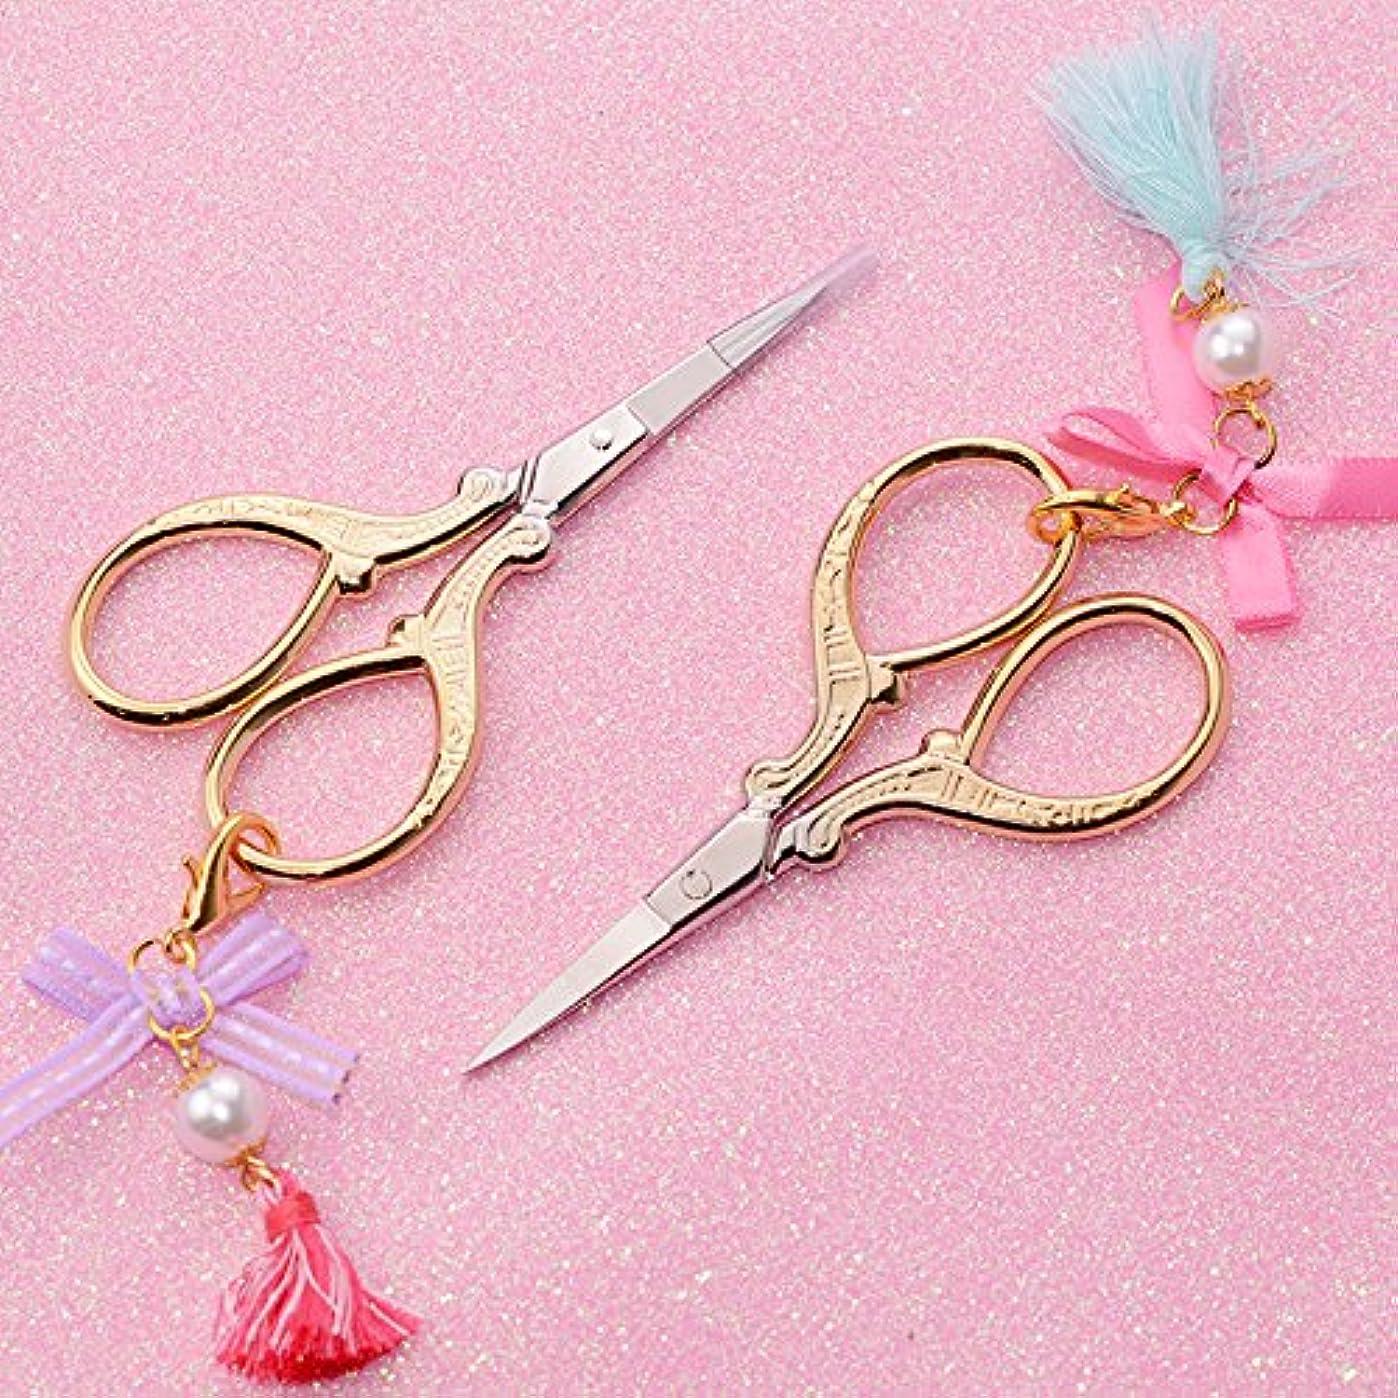 雹不公平負担ビーズタッセルペンダントステッカーカッターマニキュアネイルアート装飾ツールと金めっき爪ハサミ